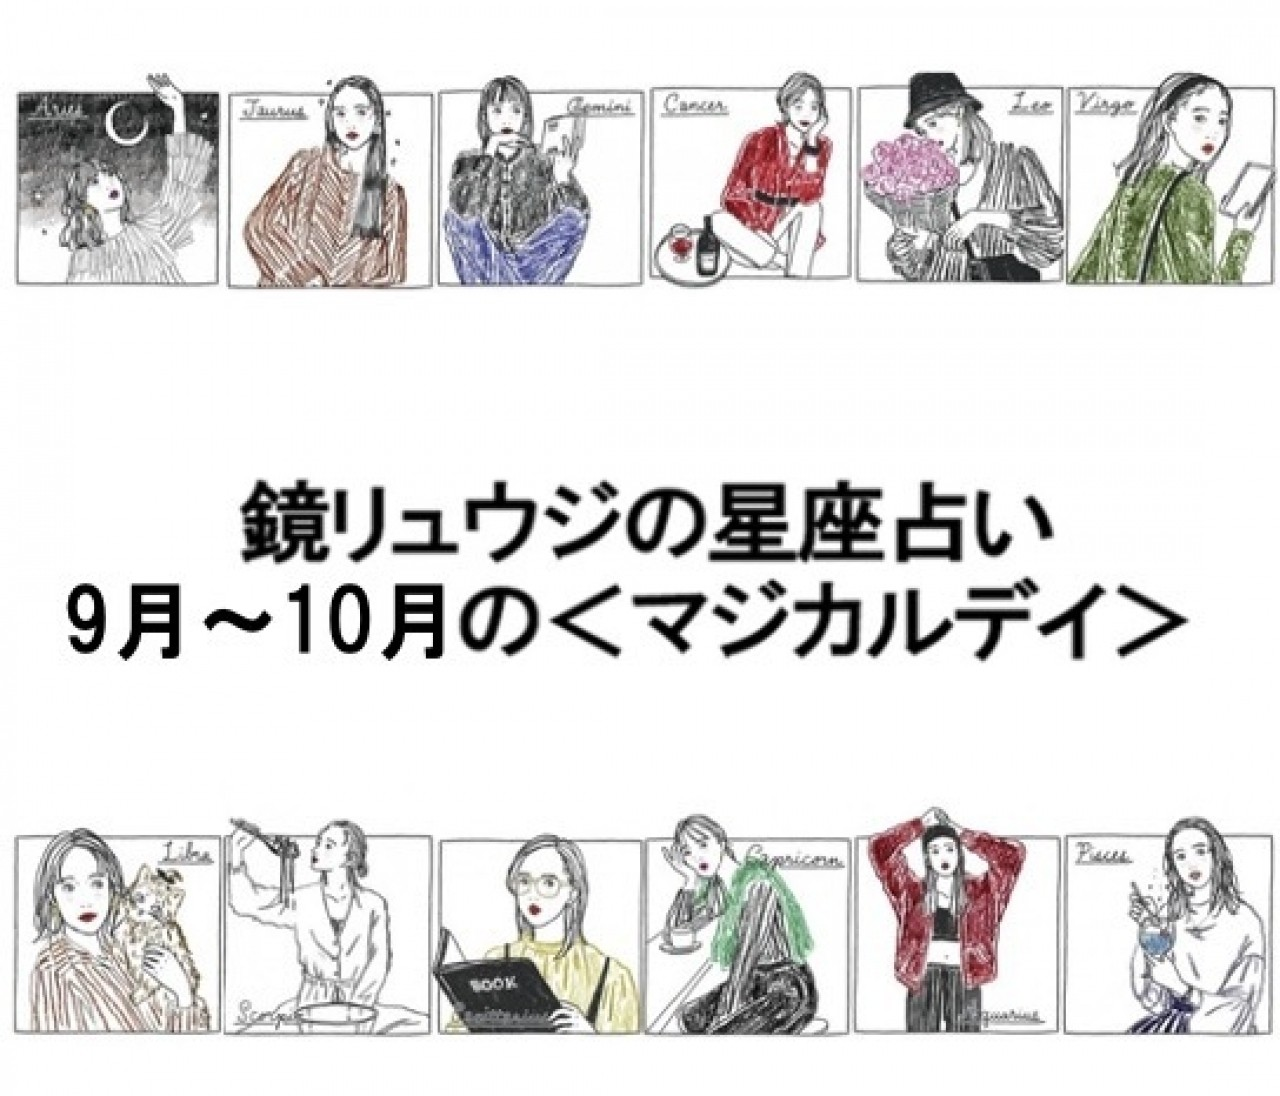 【鏡リュウジの星座占い】9月~10月の<マジカルデイ>に注目!